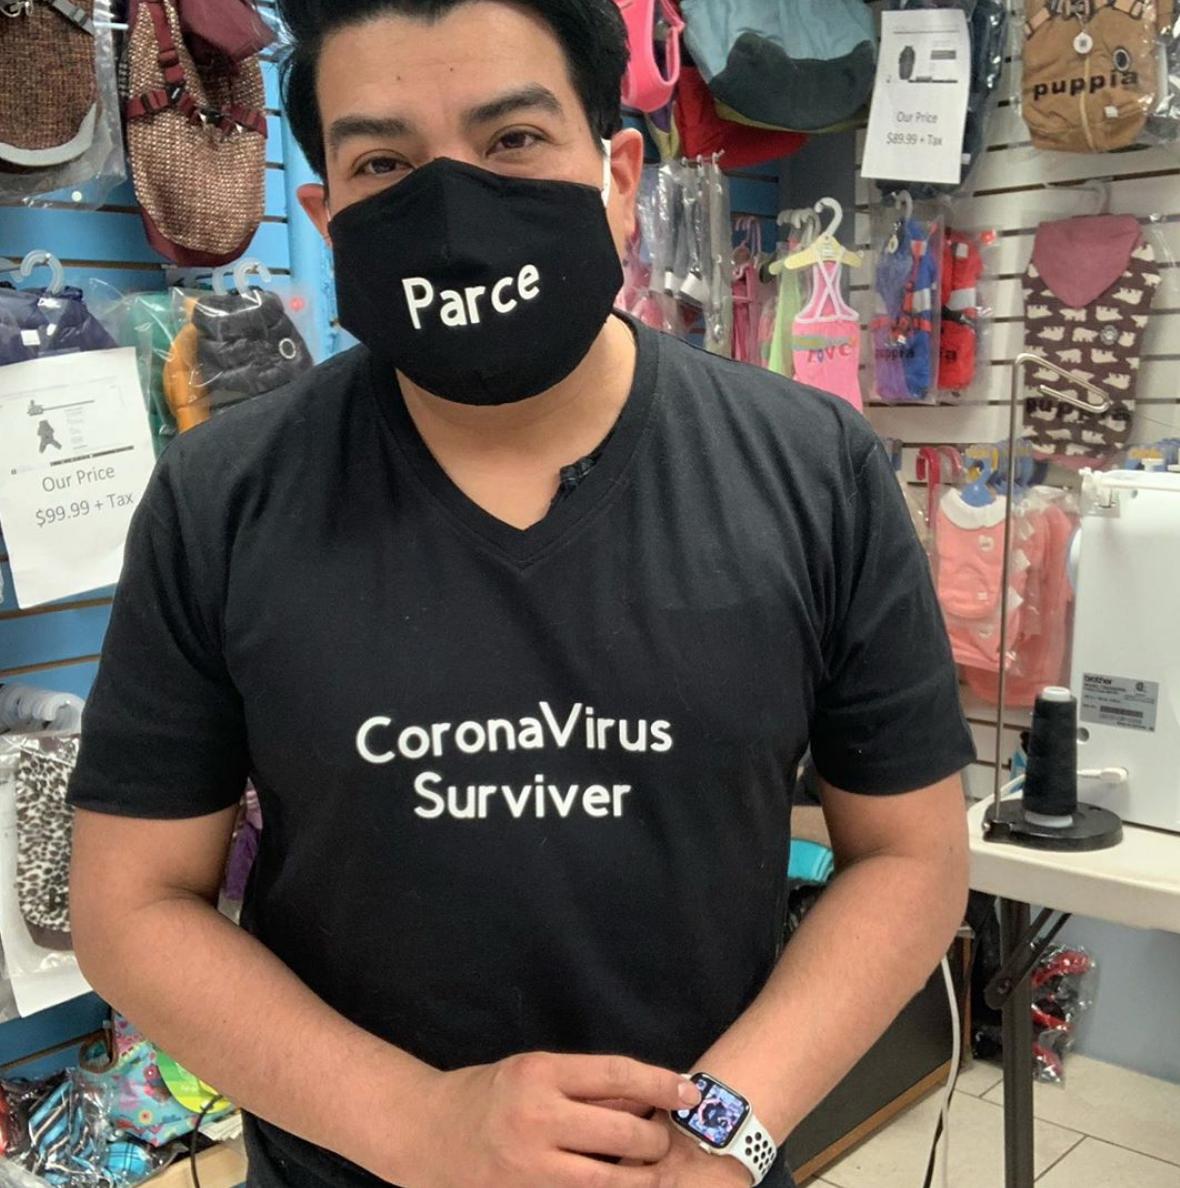 Mascarillas, coronavirus